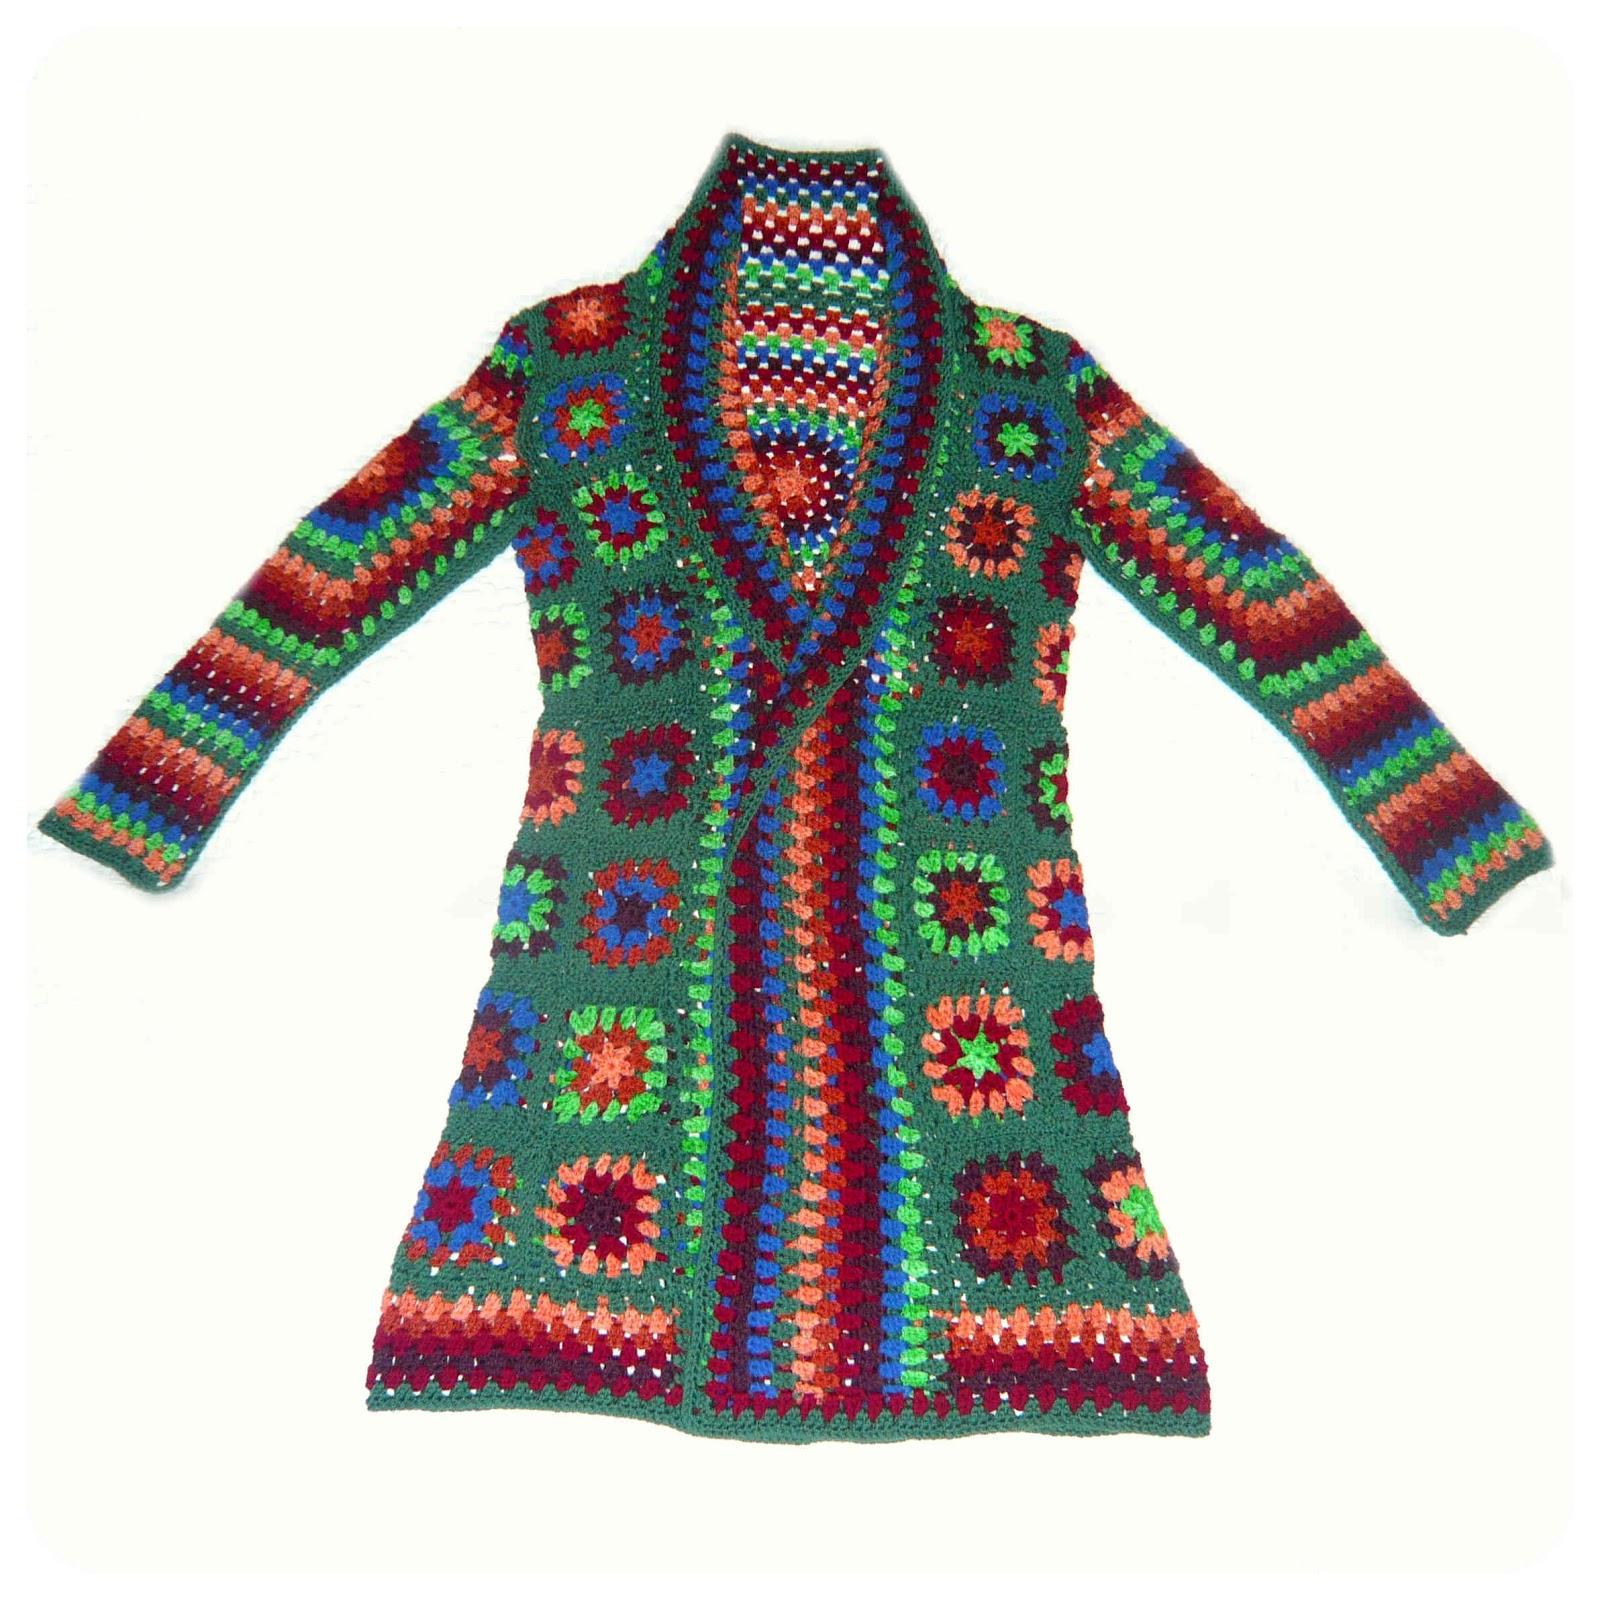 Crochet Jacket Extraordinaire!